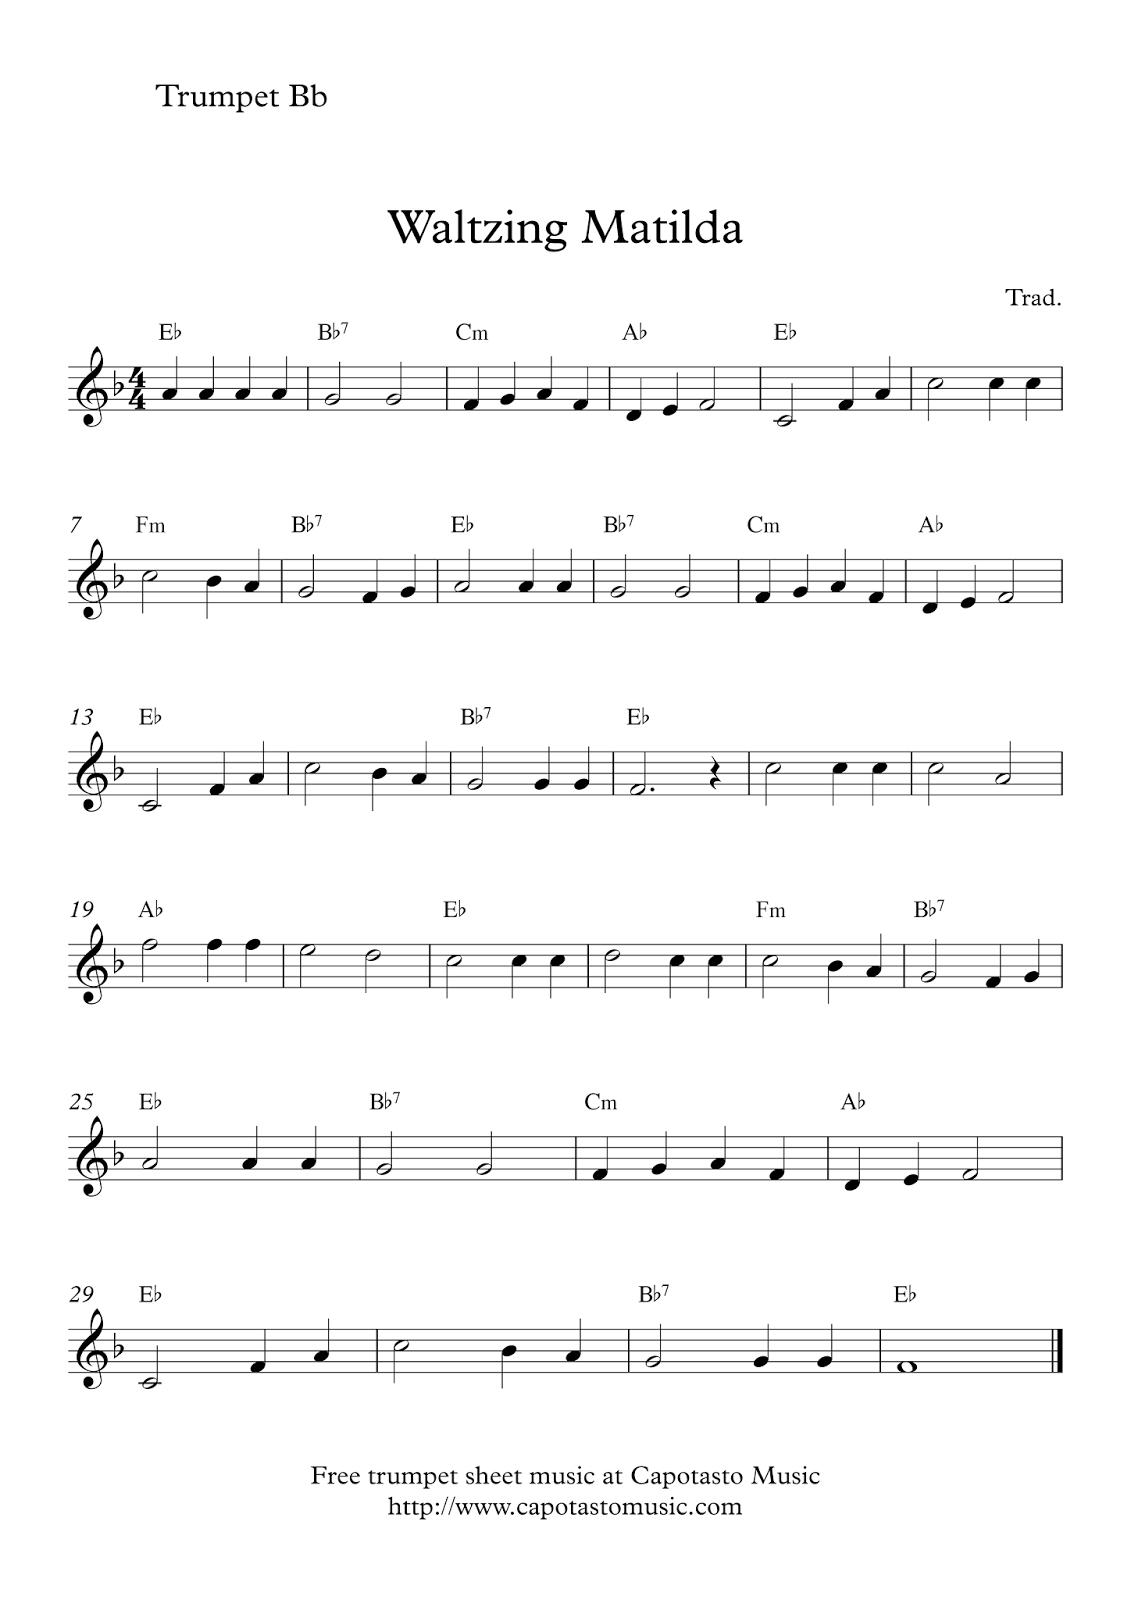 Free Trumpet Sheet Music | Waltzing Matilda - Free Printable Sheet Music For Trumpet